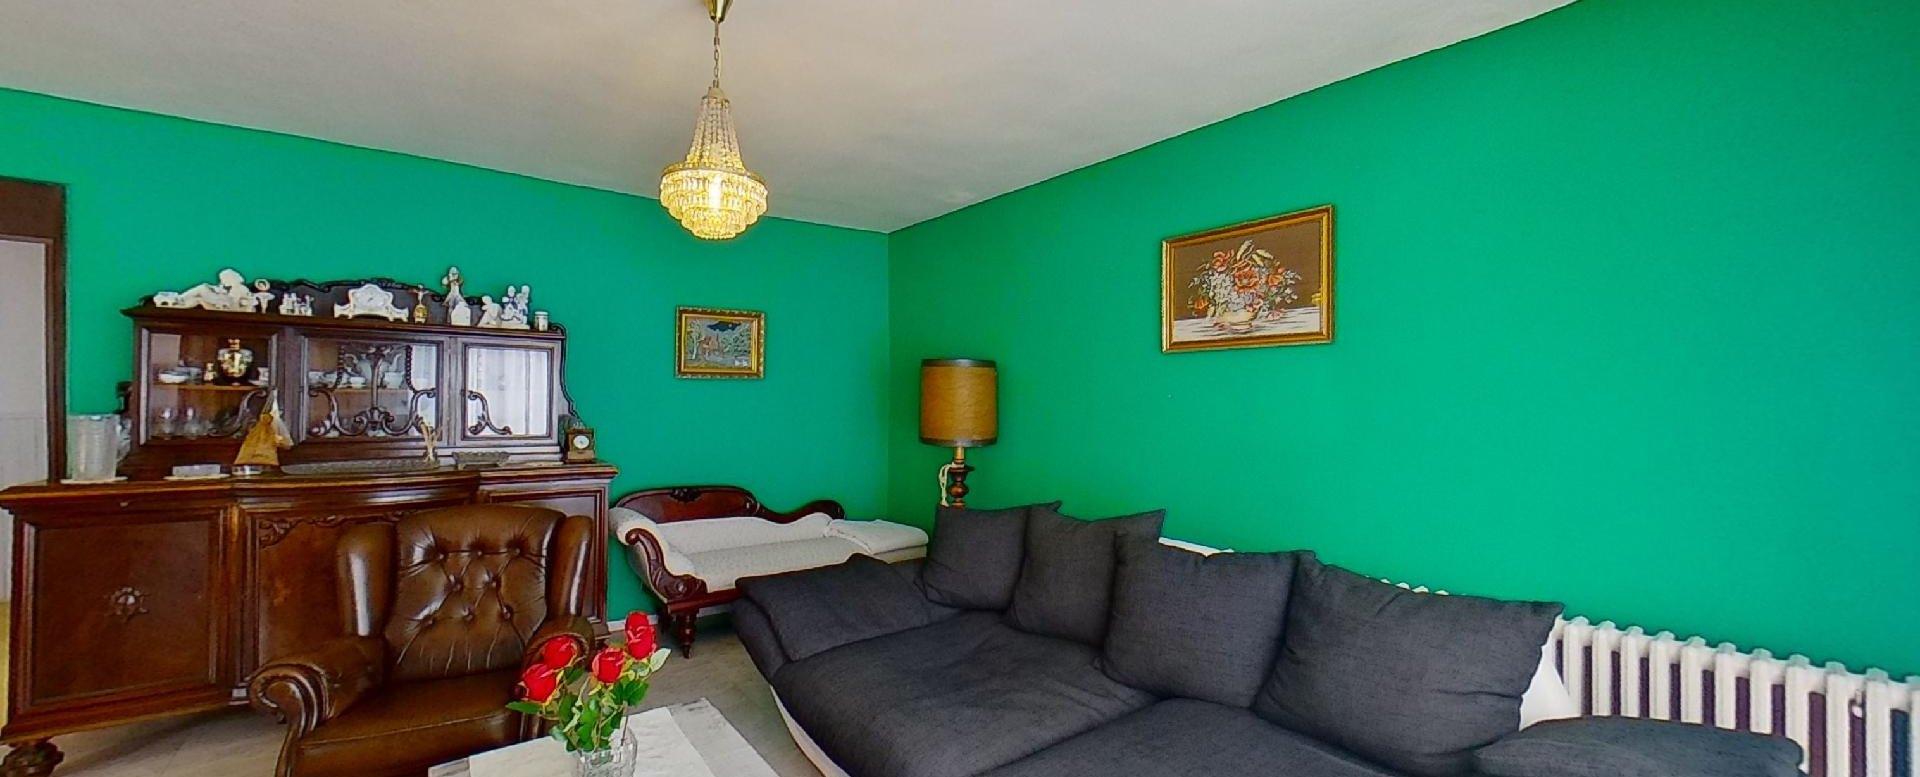 Obývacia izba rodinnéhno domu v Slanskej Hutę